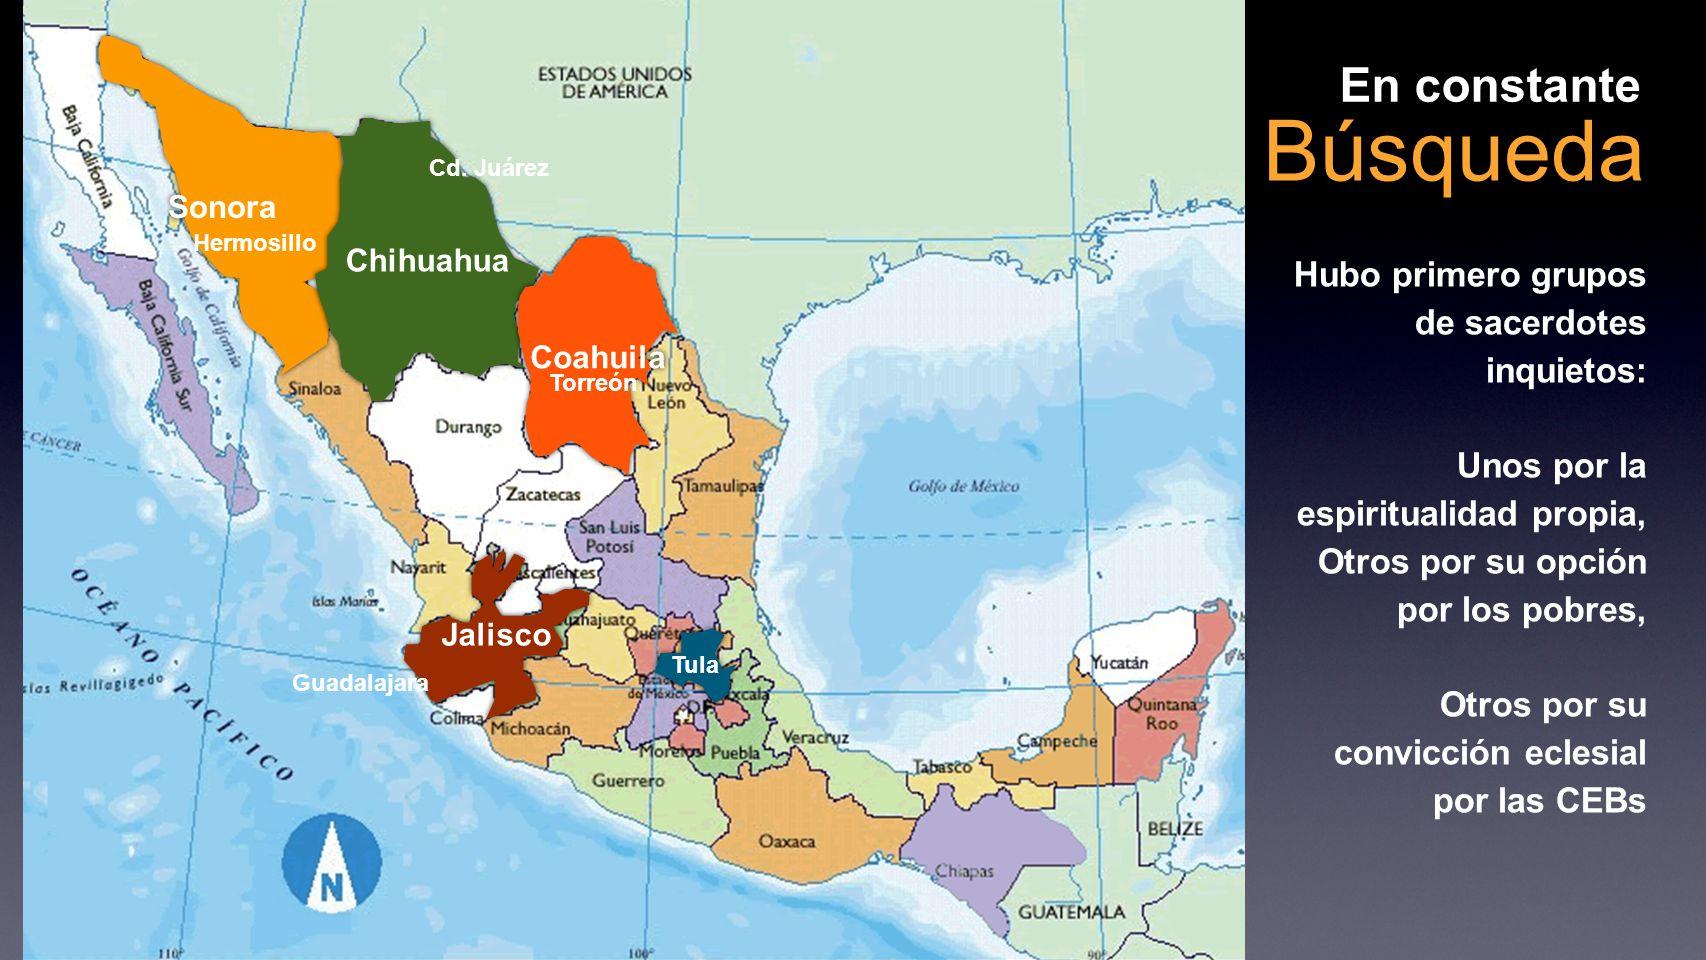 Búsqueda En constante Sonora Chihuahua Coahuila Jalisco Hubo primero grupos de sacerdotes inquietos: Unos por la espiritualidad propia, Otros por su opción por los pobres, Otros por su convicción eclesial por las CEBs Cd.